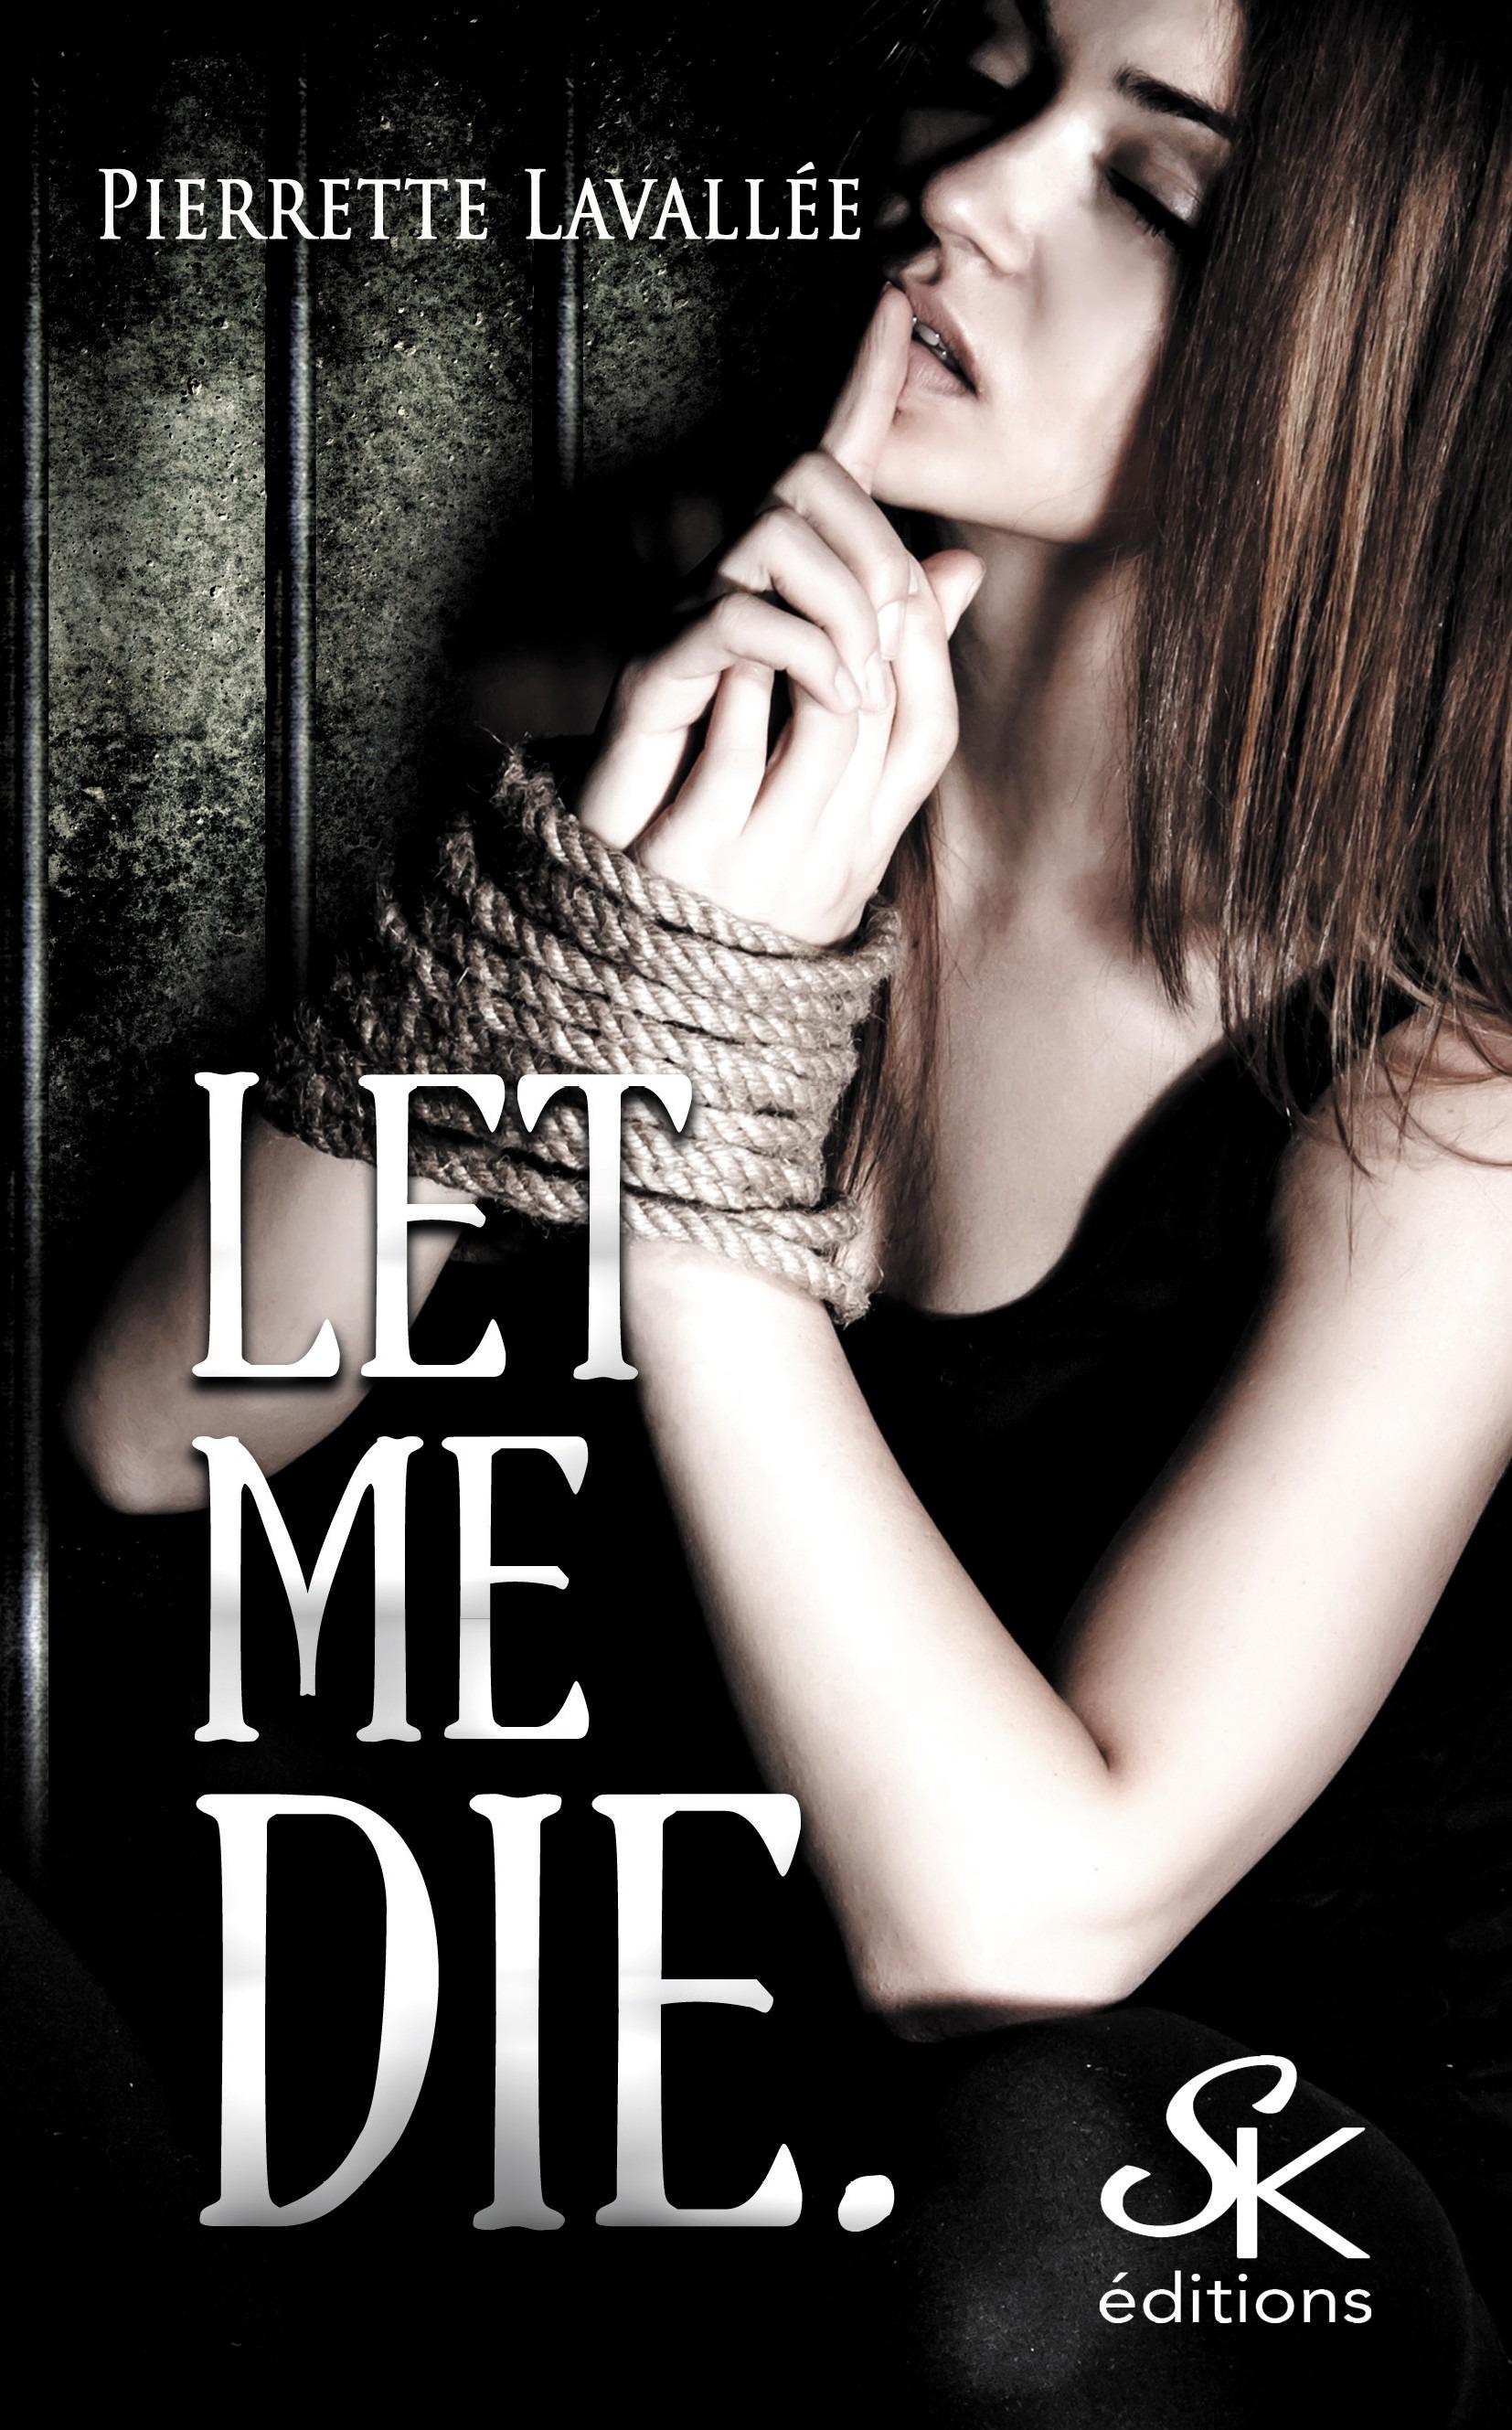 Let me die, LET ME..., T1